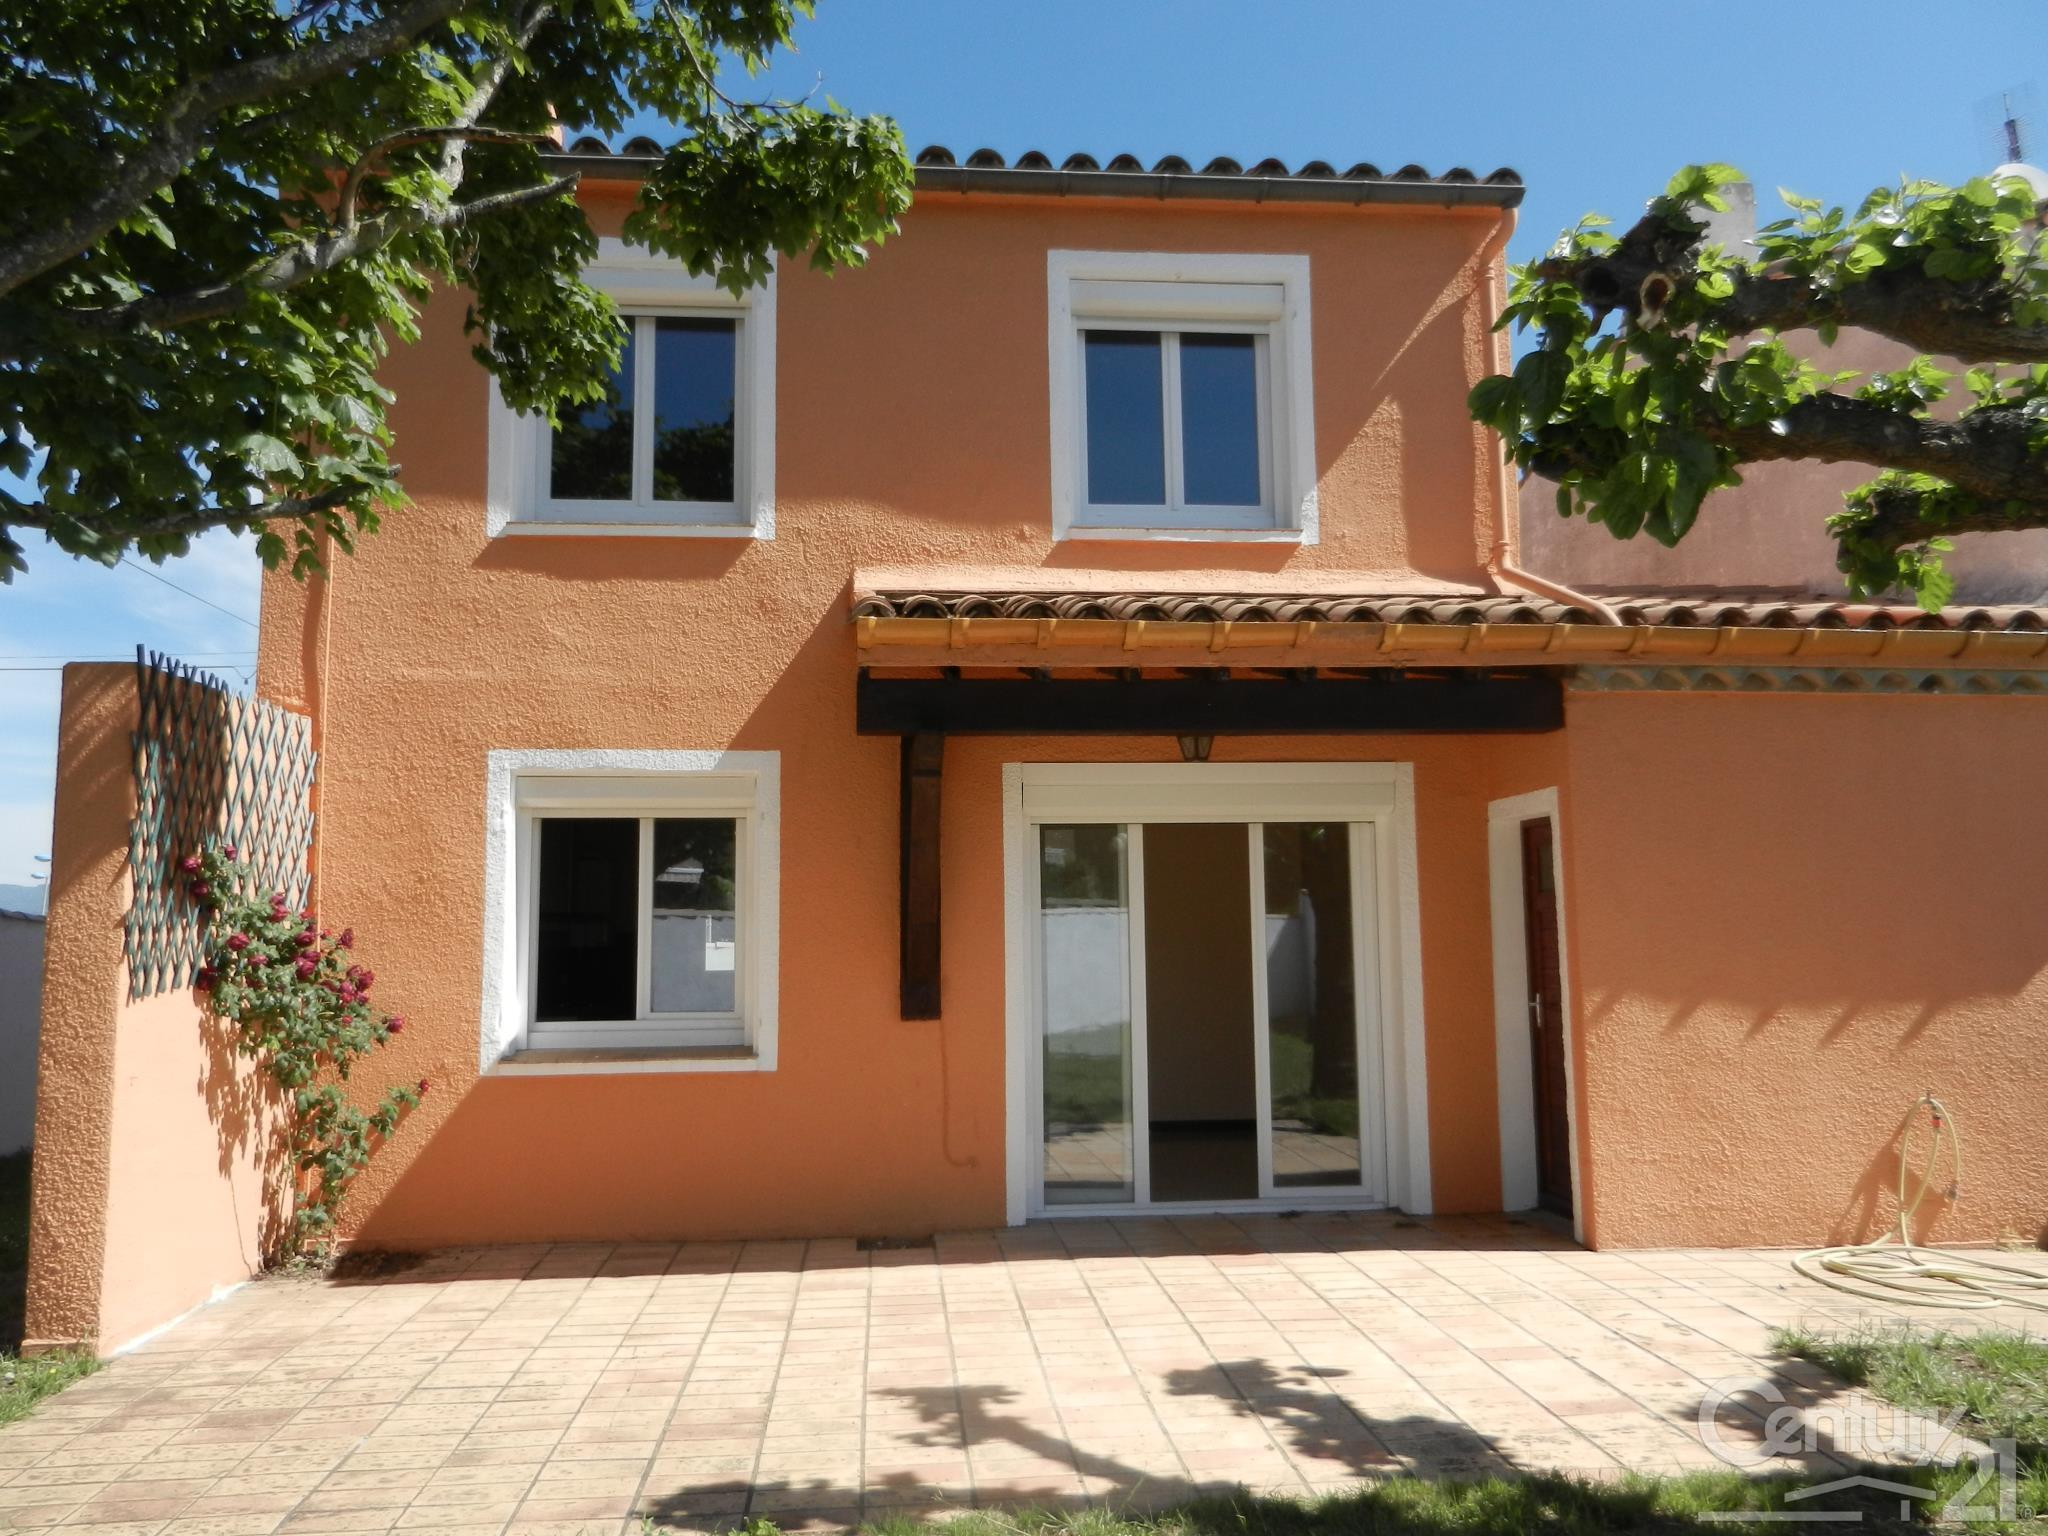 Annonce location maison carcassonne 11000 106 m 718 for Annonces location maison